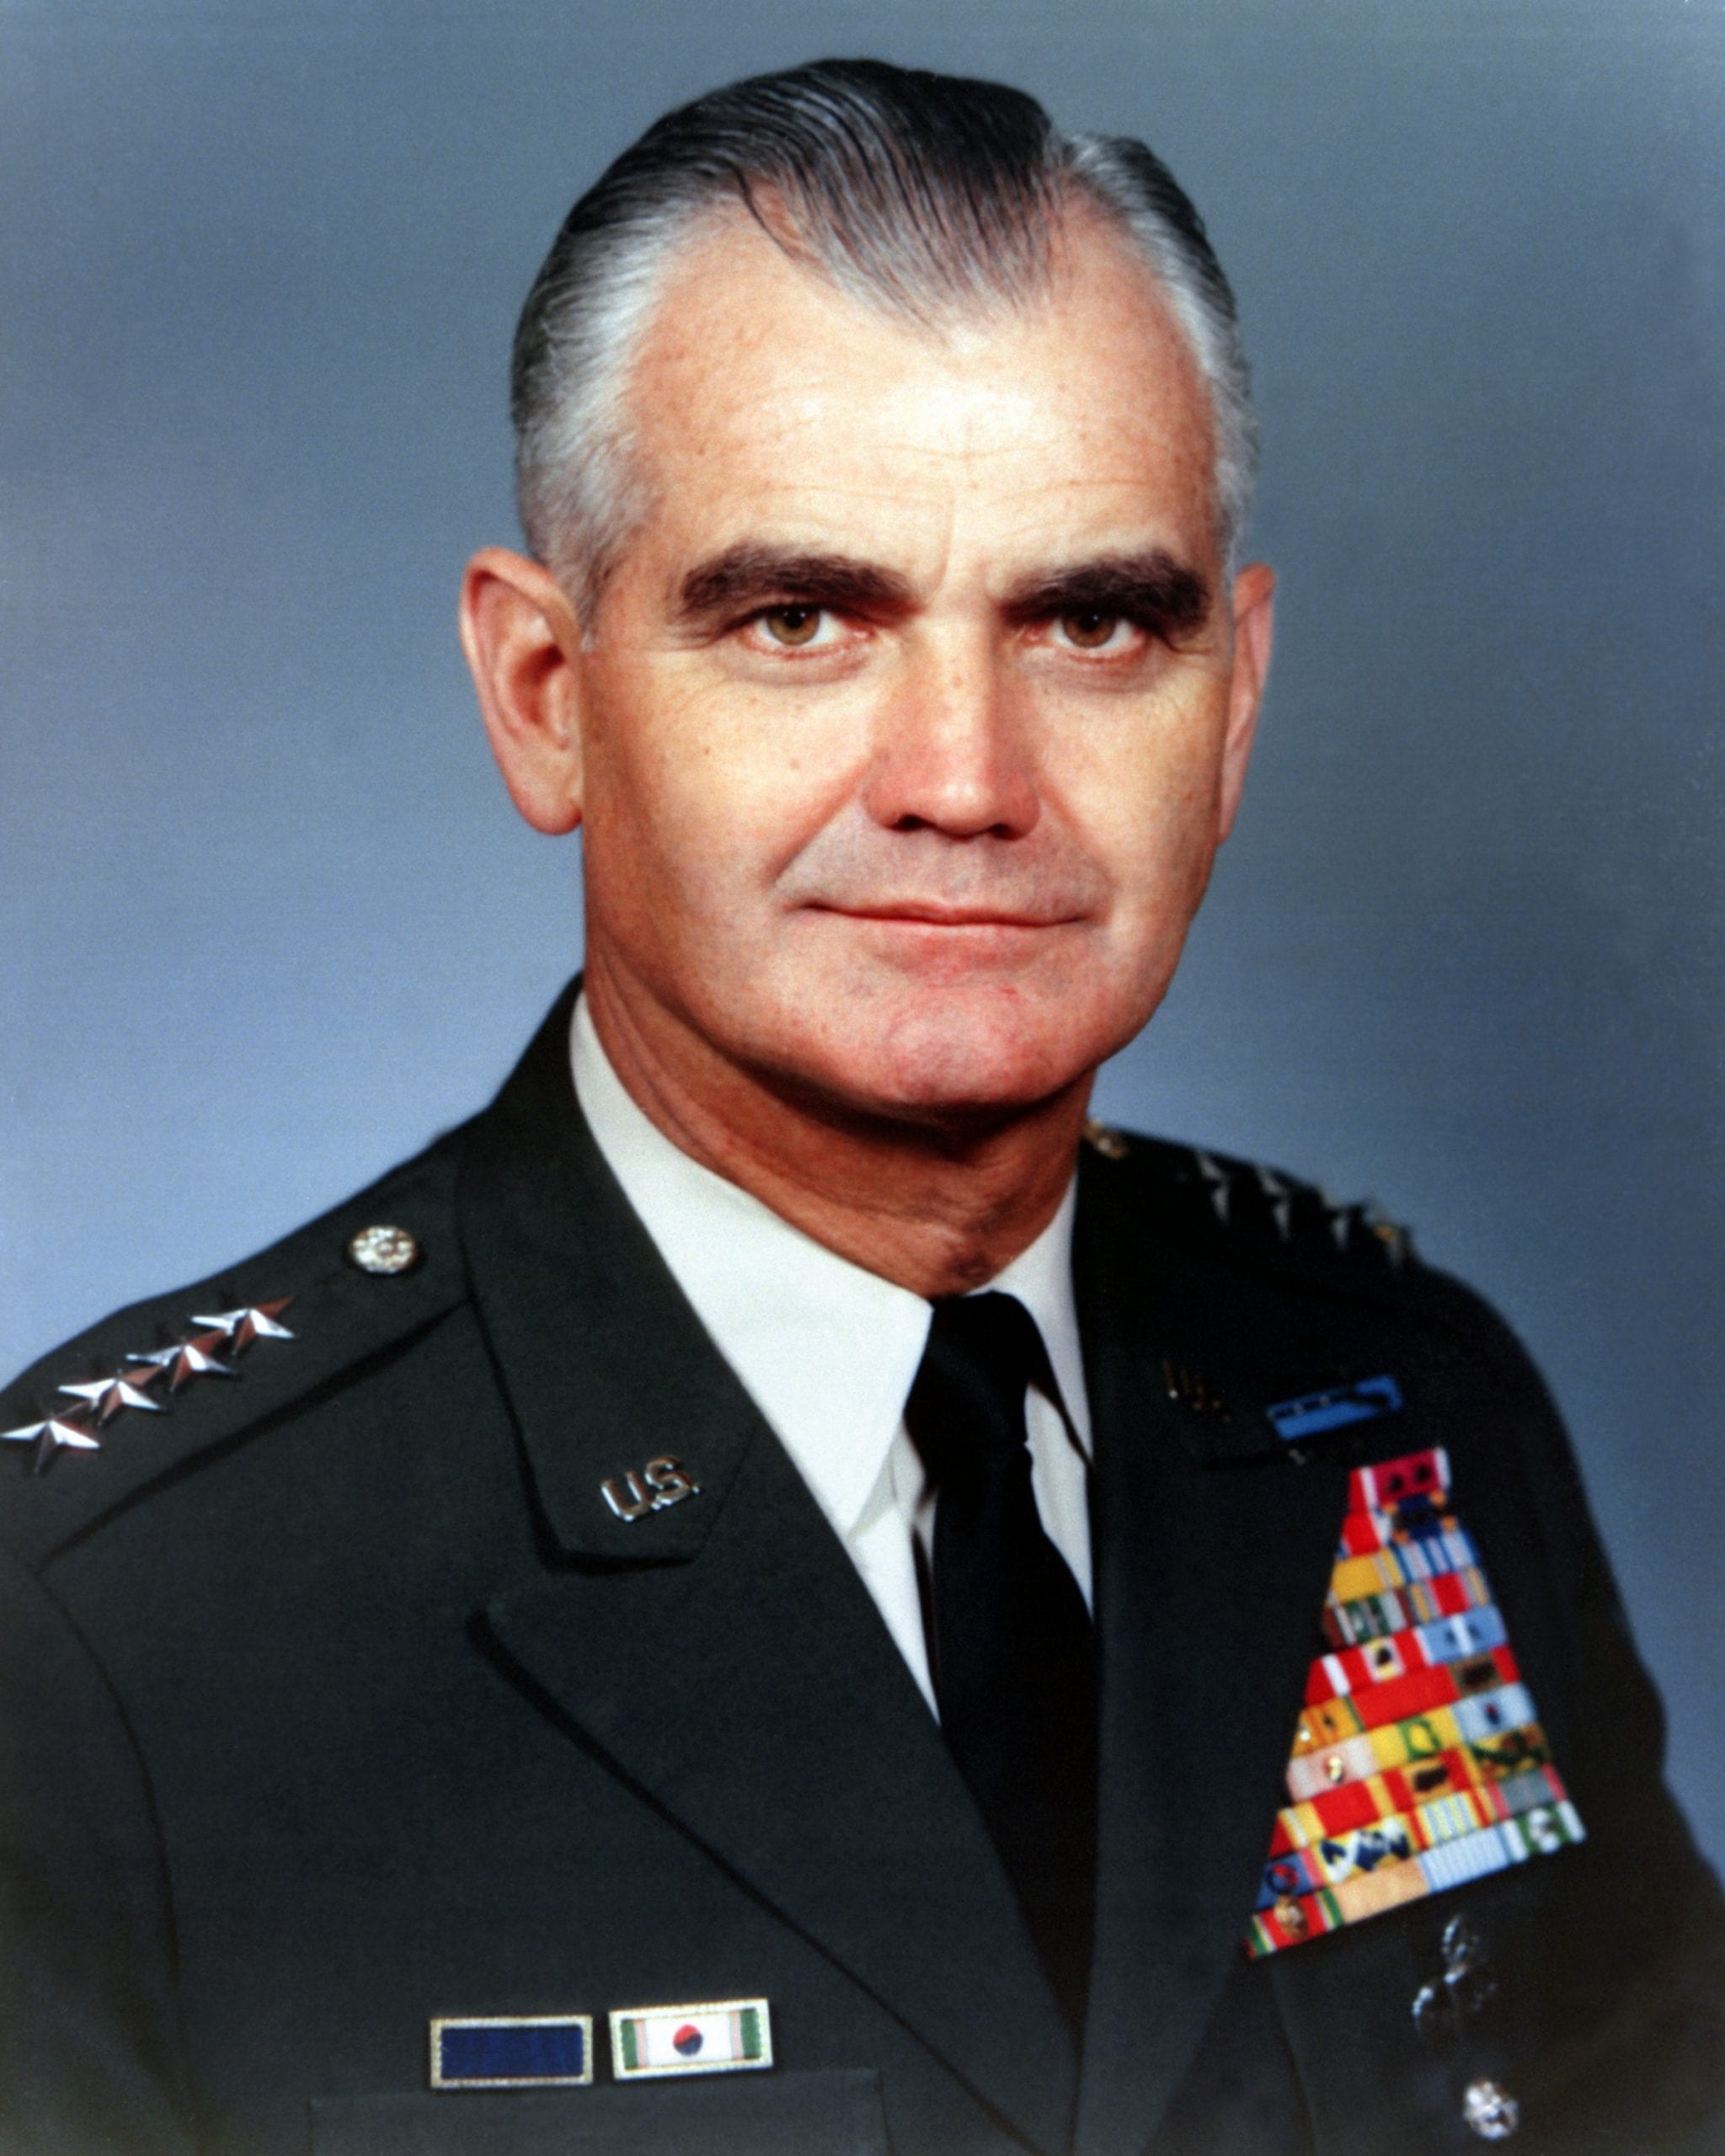 حرب الفيتنام: القصة الكاملة 4